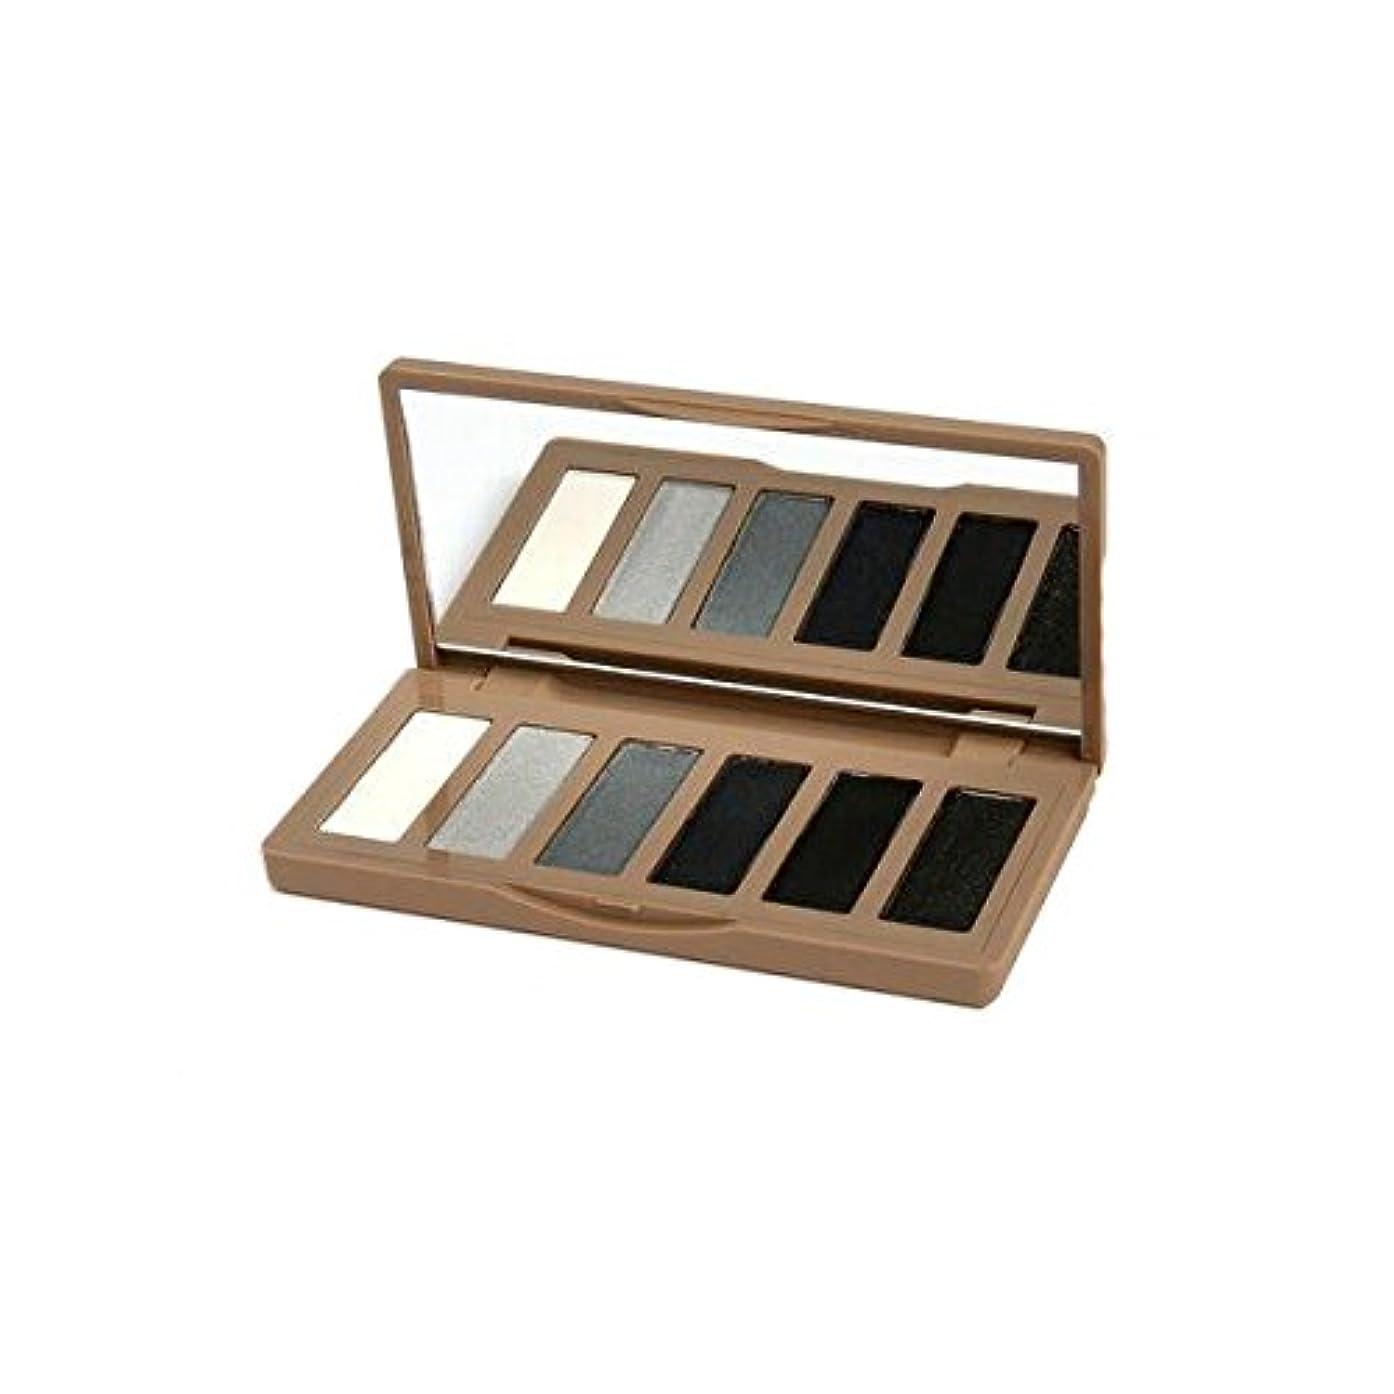 話す物語窒素(3 Pack) Beauty Creations The Petite Collection Eyeshadow Palette - Palette B (並行輸入品)